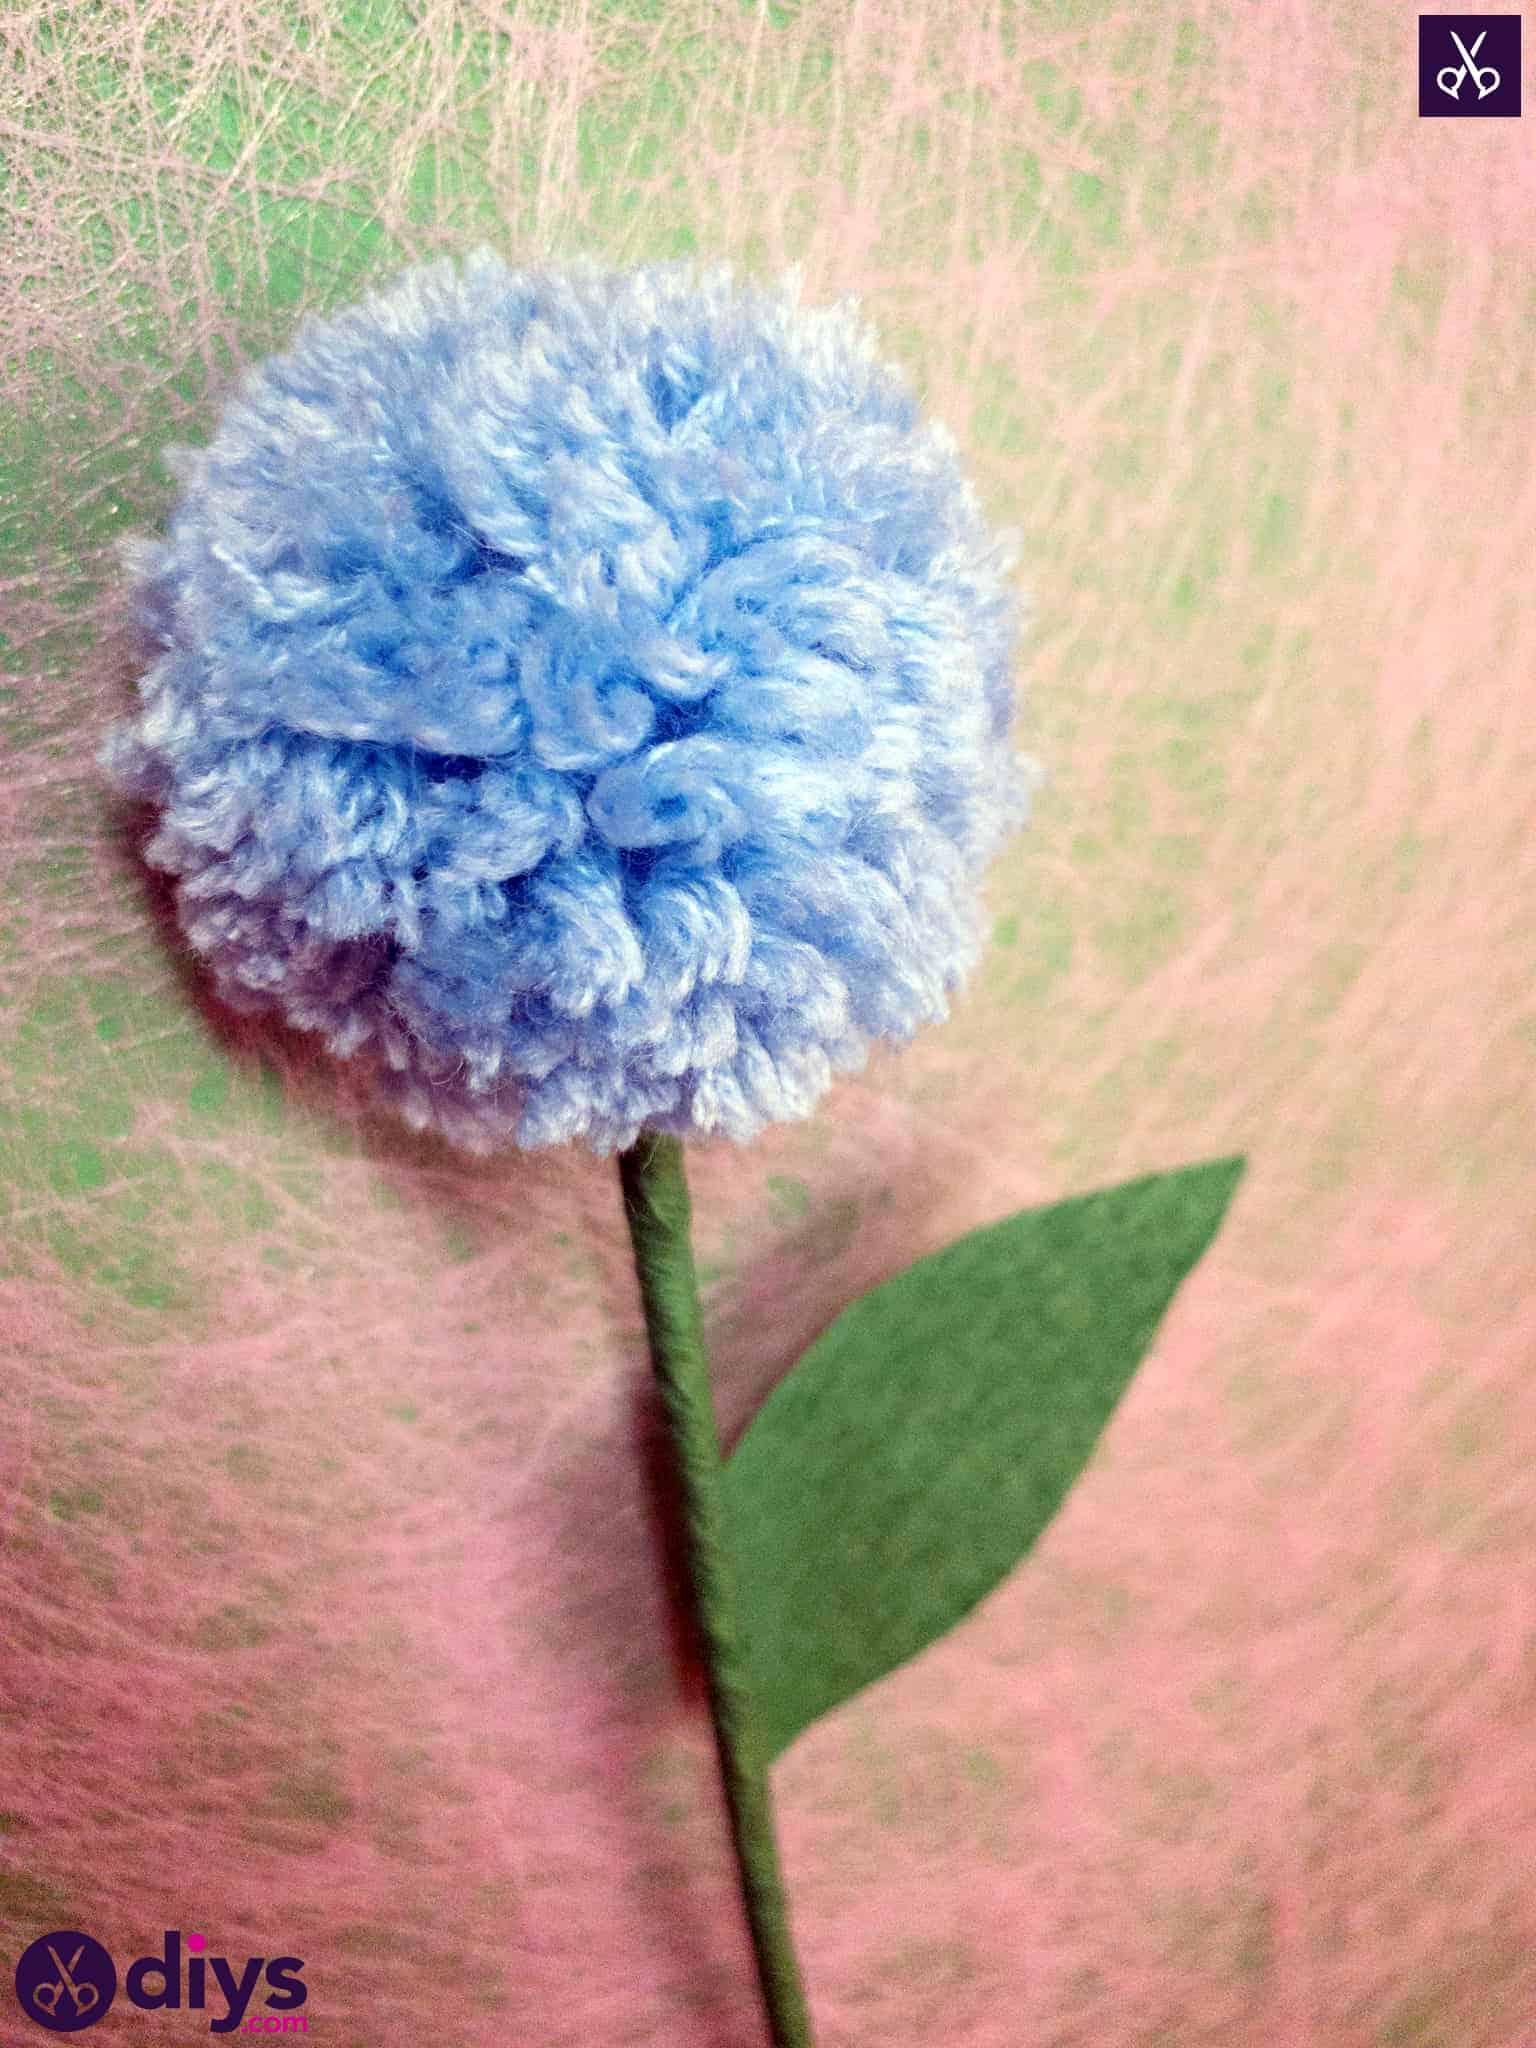 Diy pom pom flower step 15